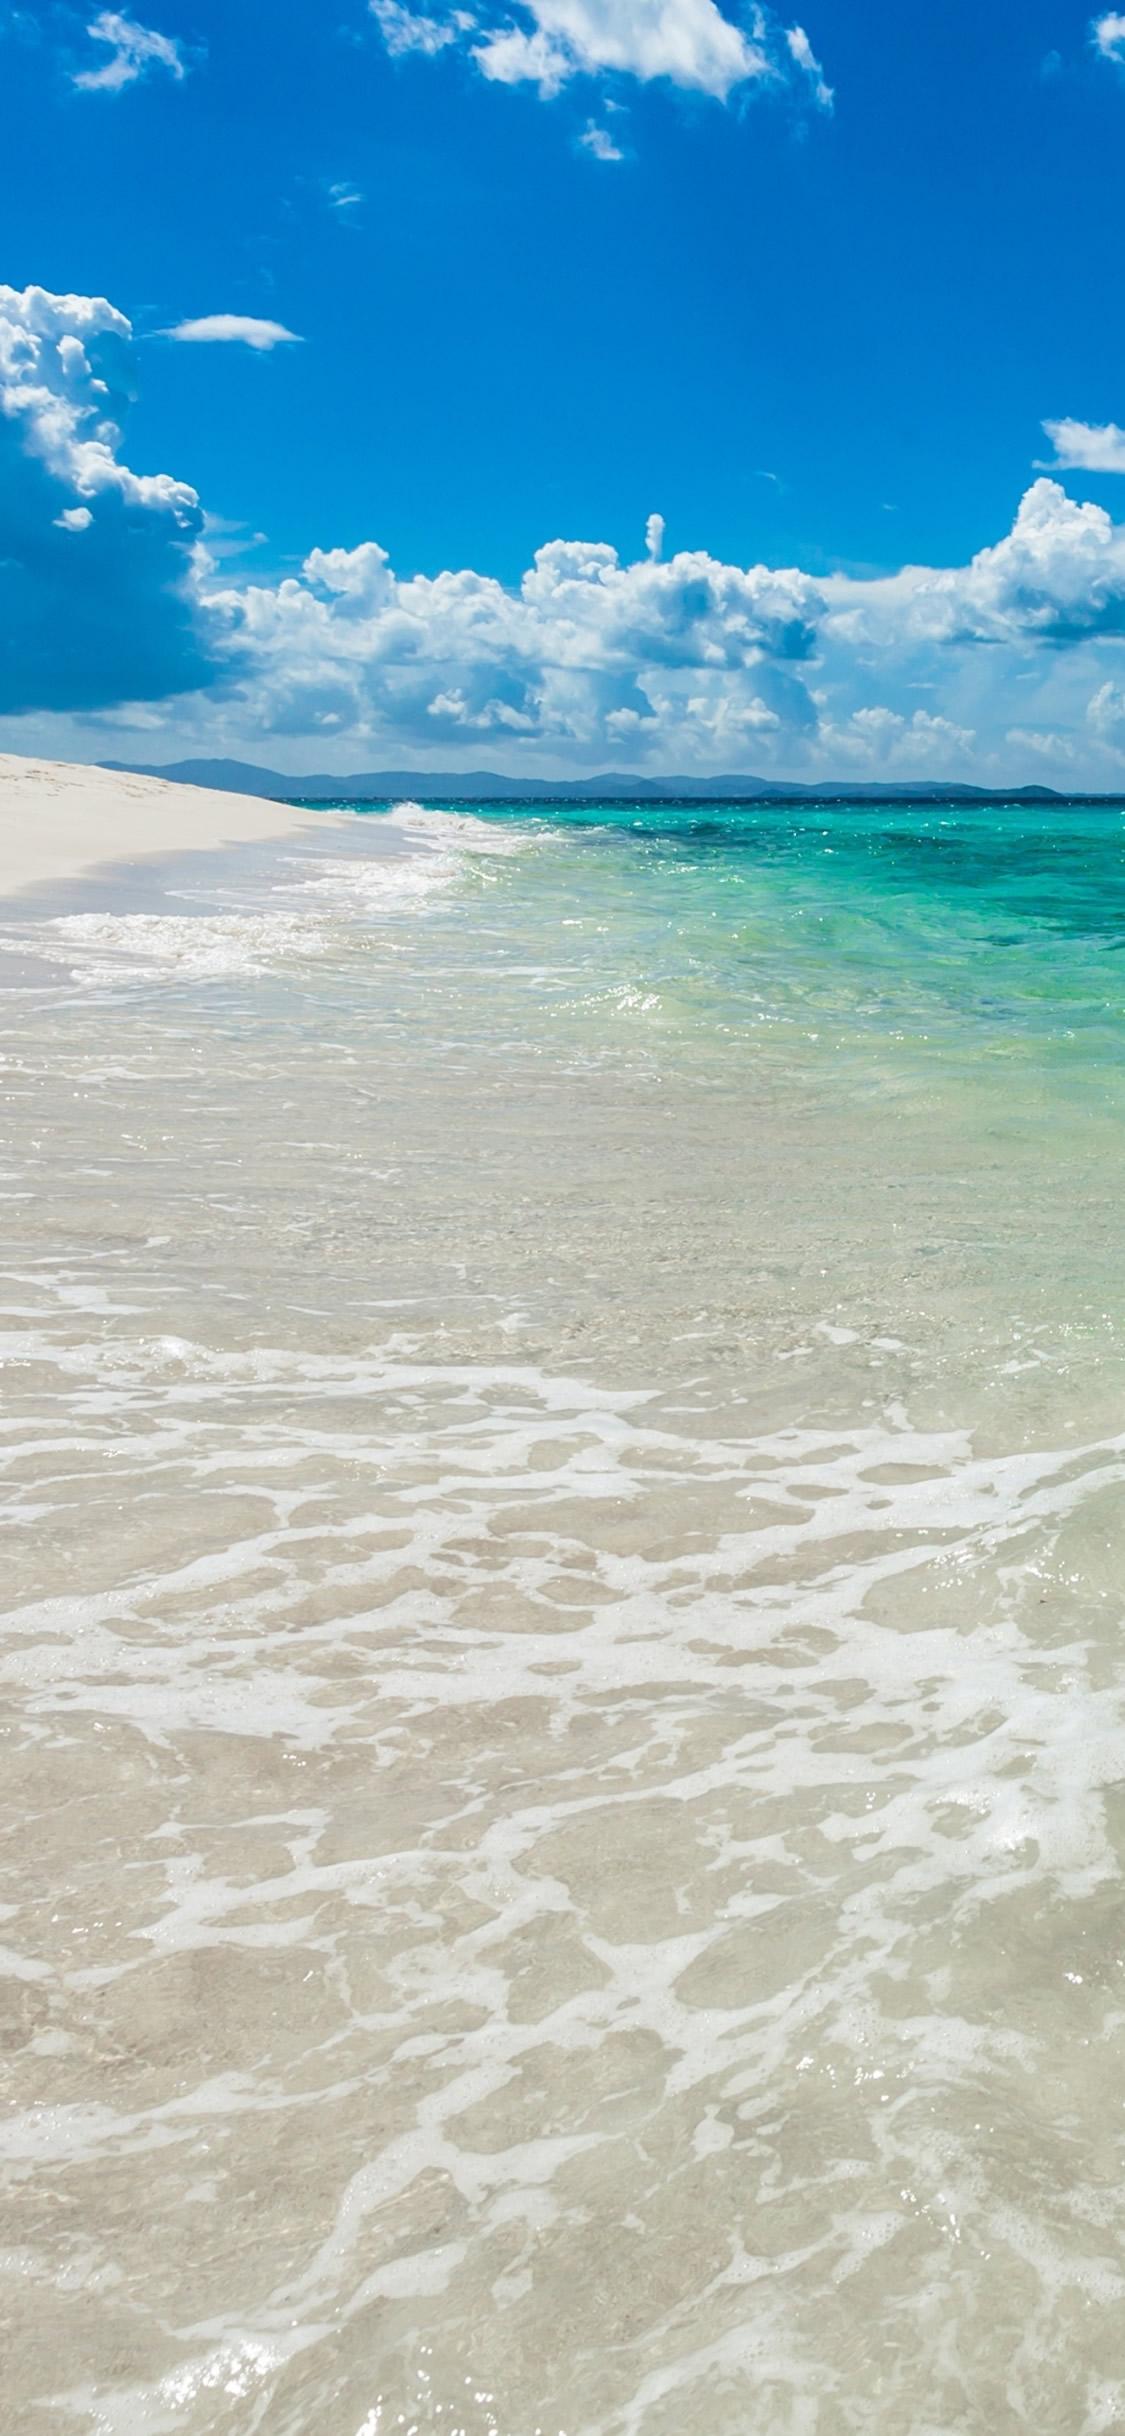 海のビーチのモバイル壁紙 自然 Iphoneチーズ